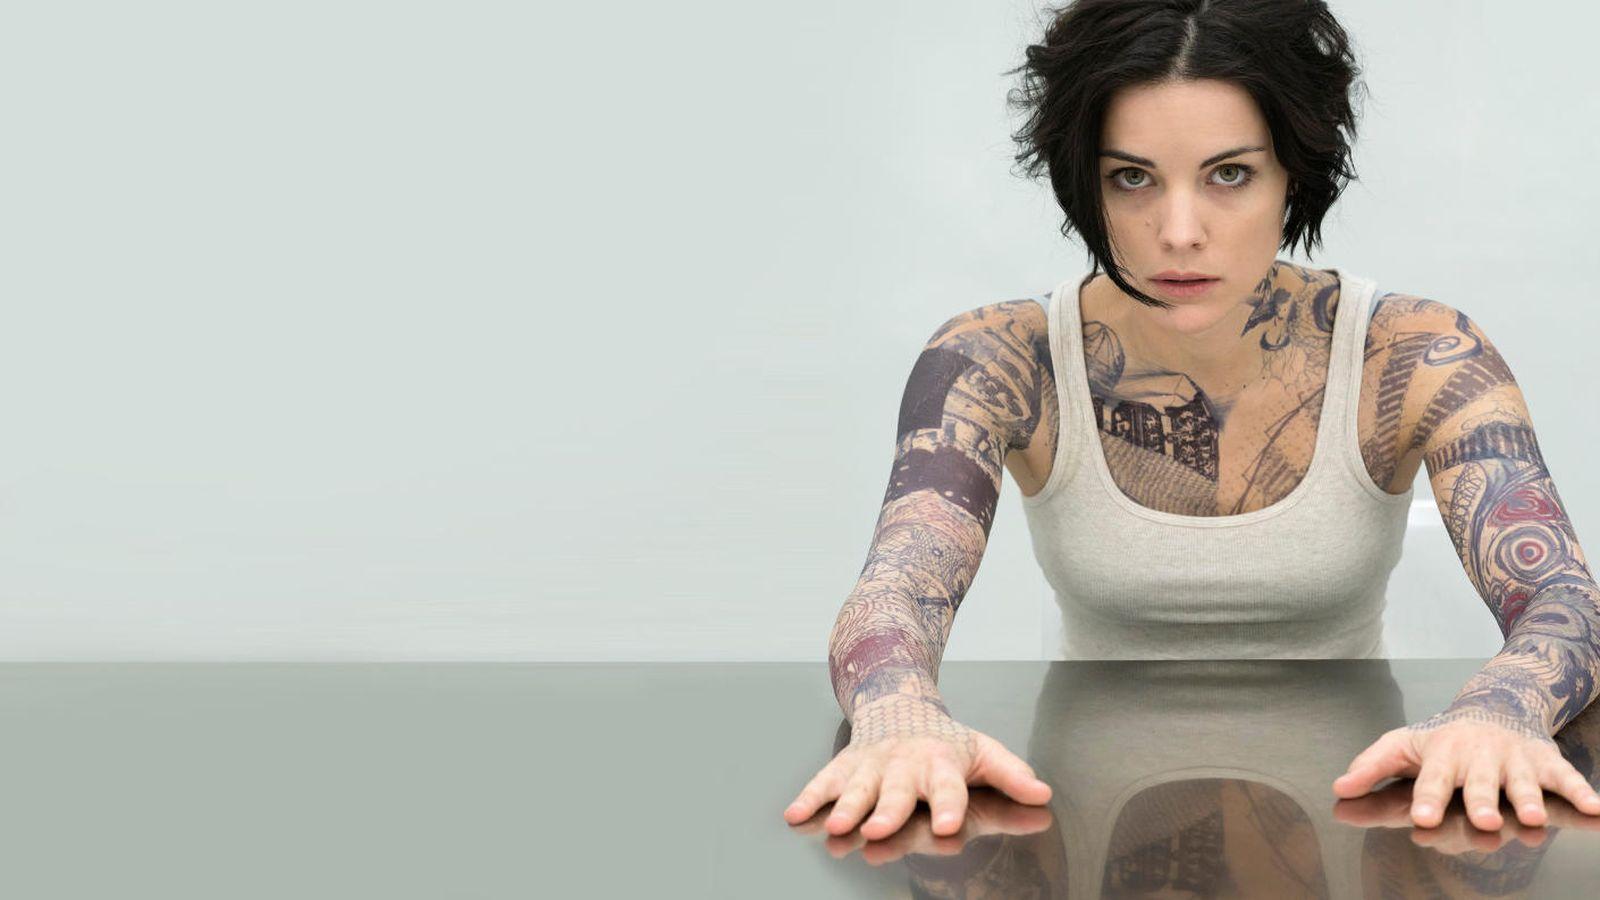 Tratamientos de belleza tatuajes cinco grandes peligros for Piscinas que se esconden